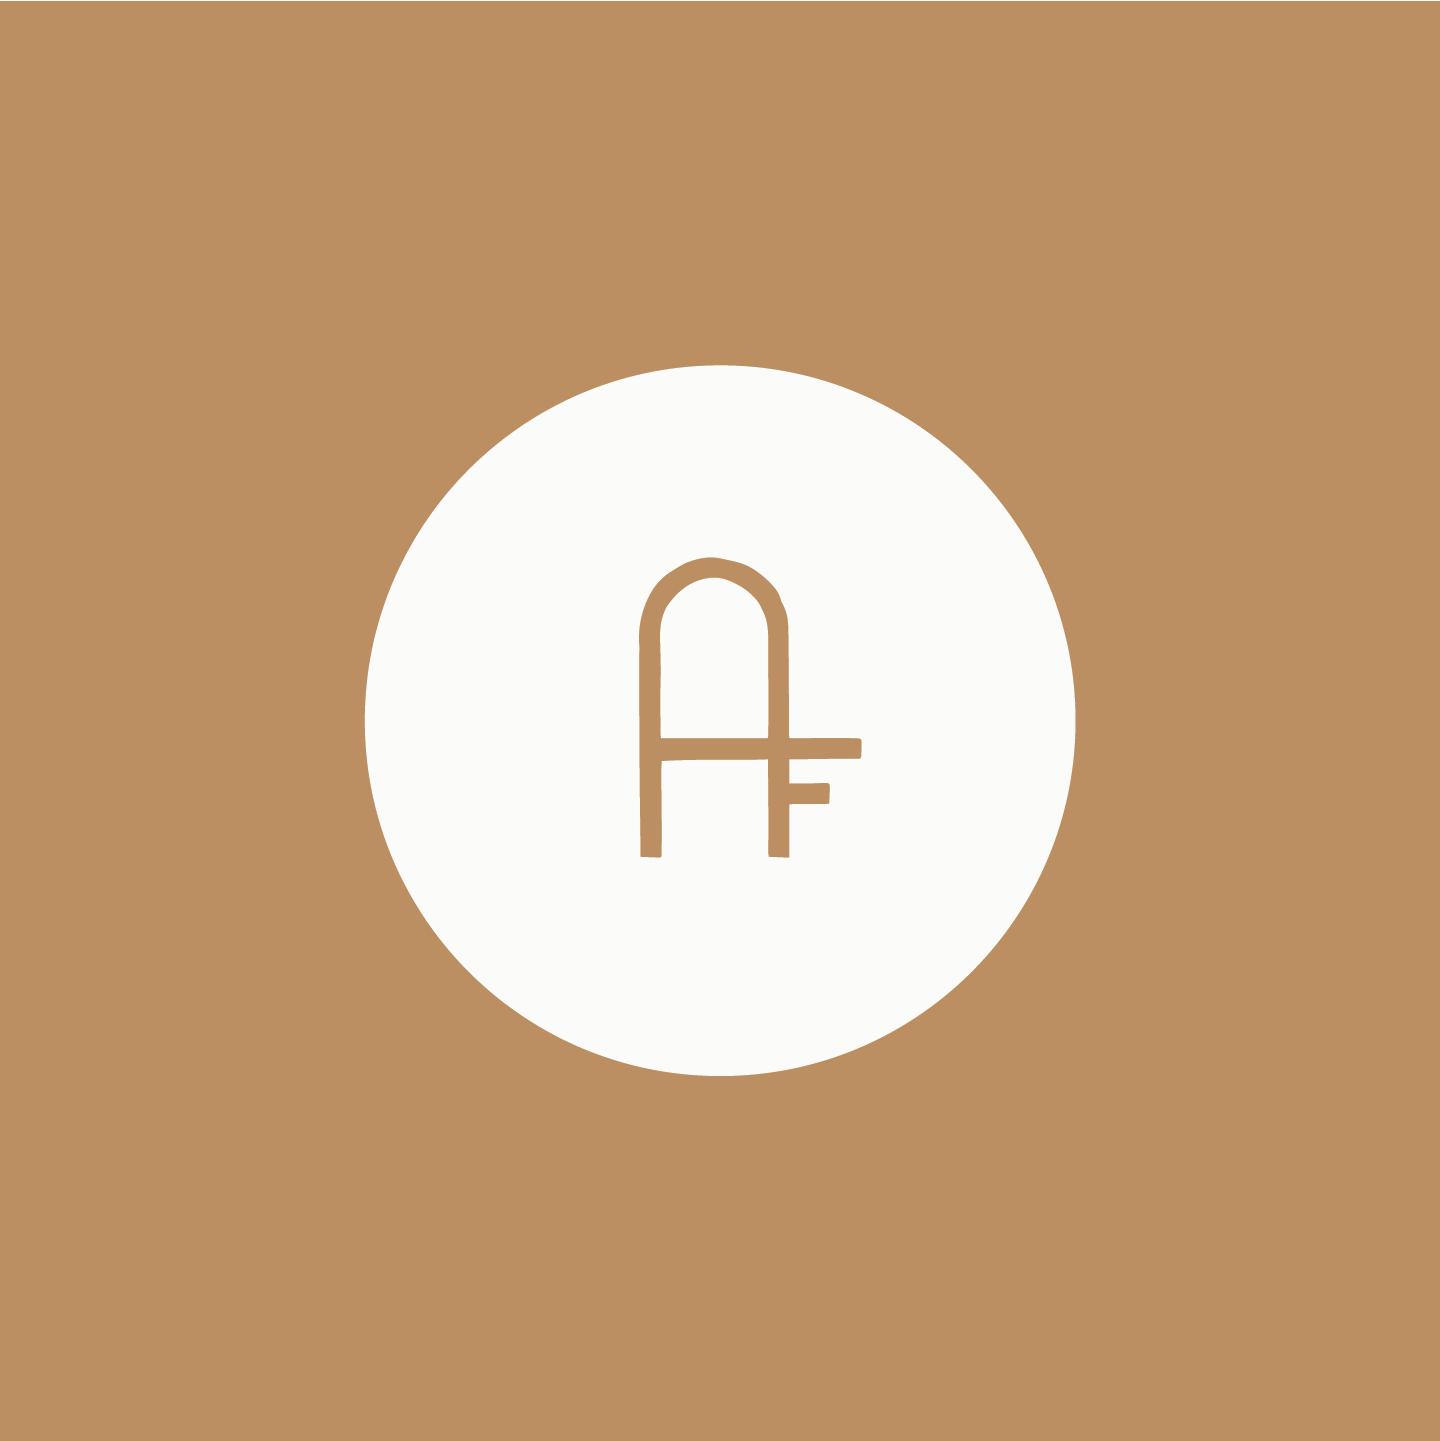 Monogram-Sample-2.png